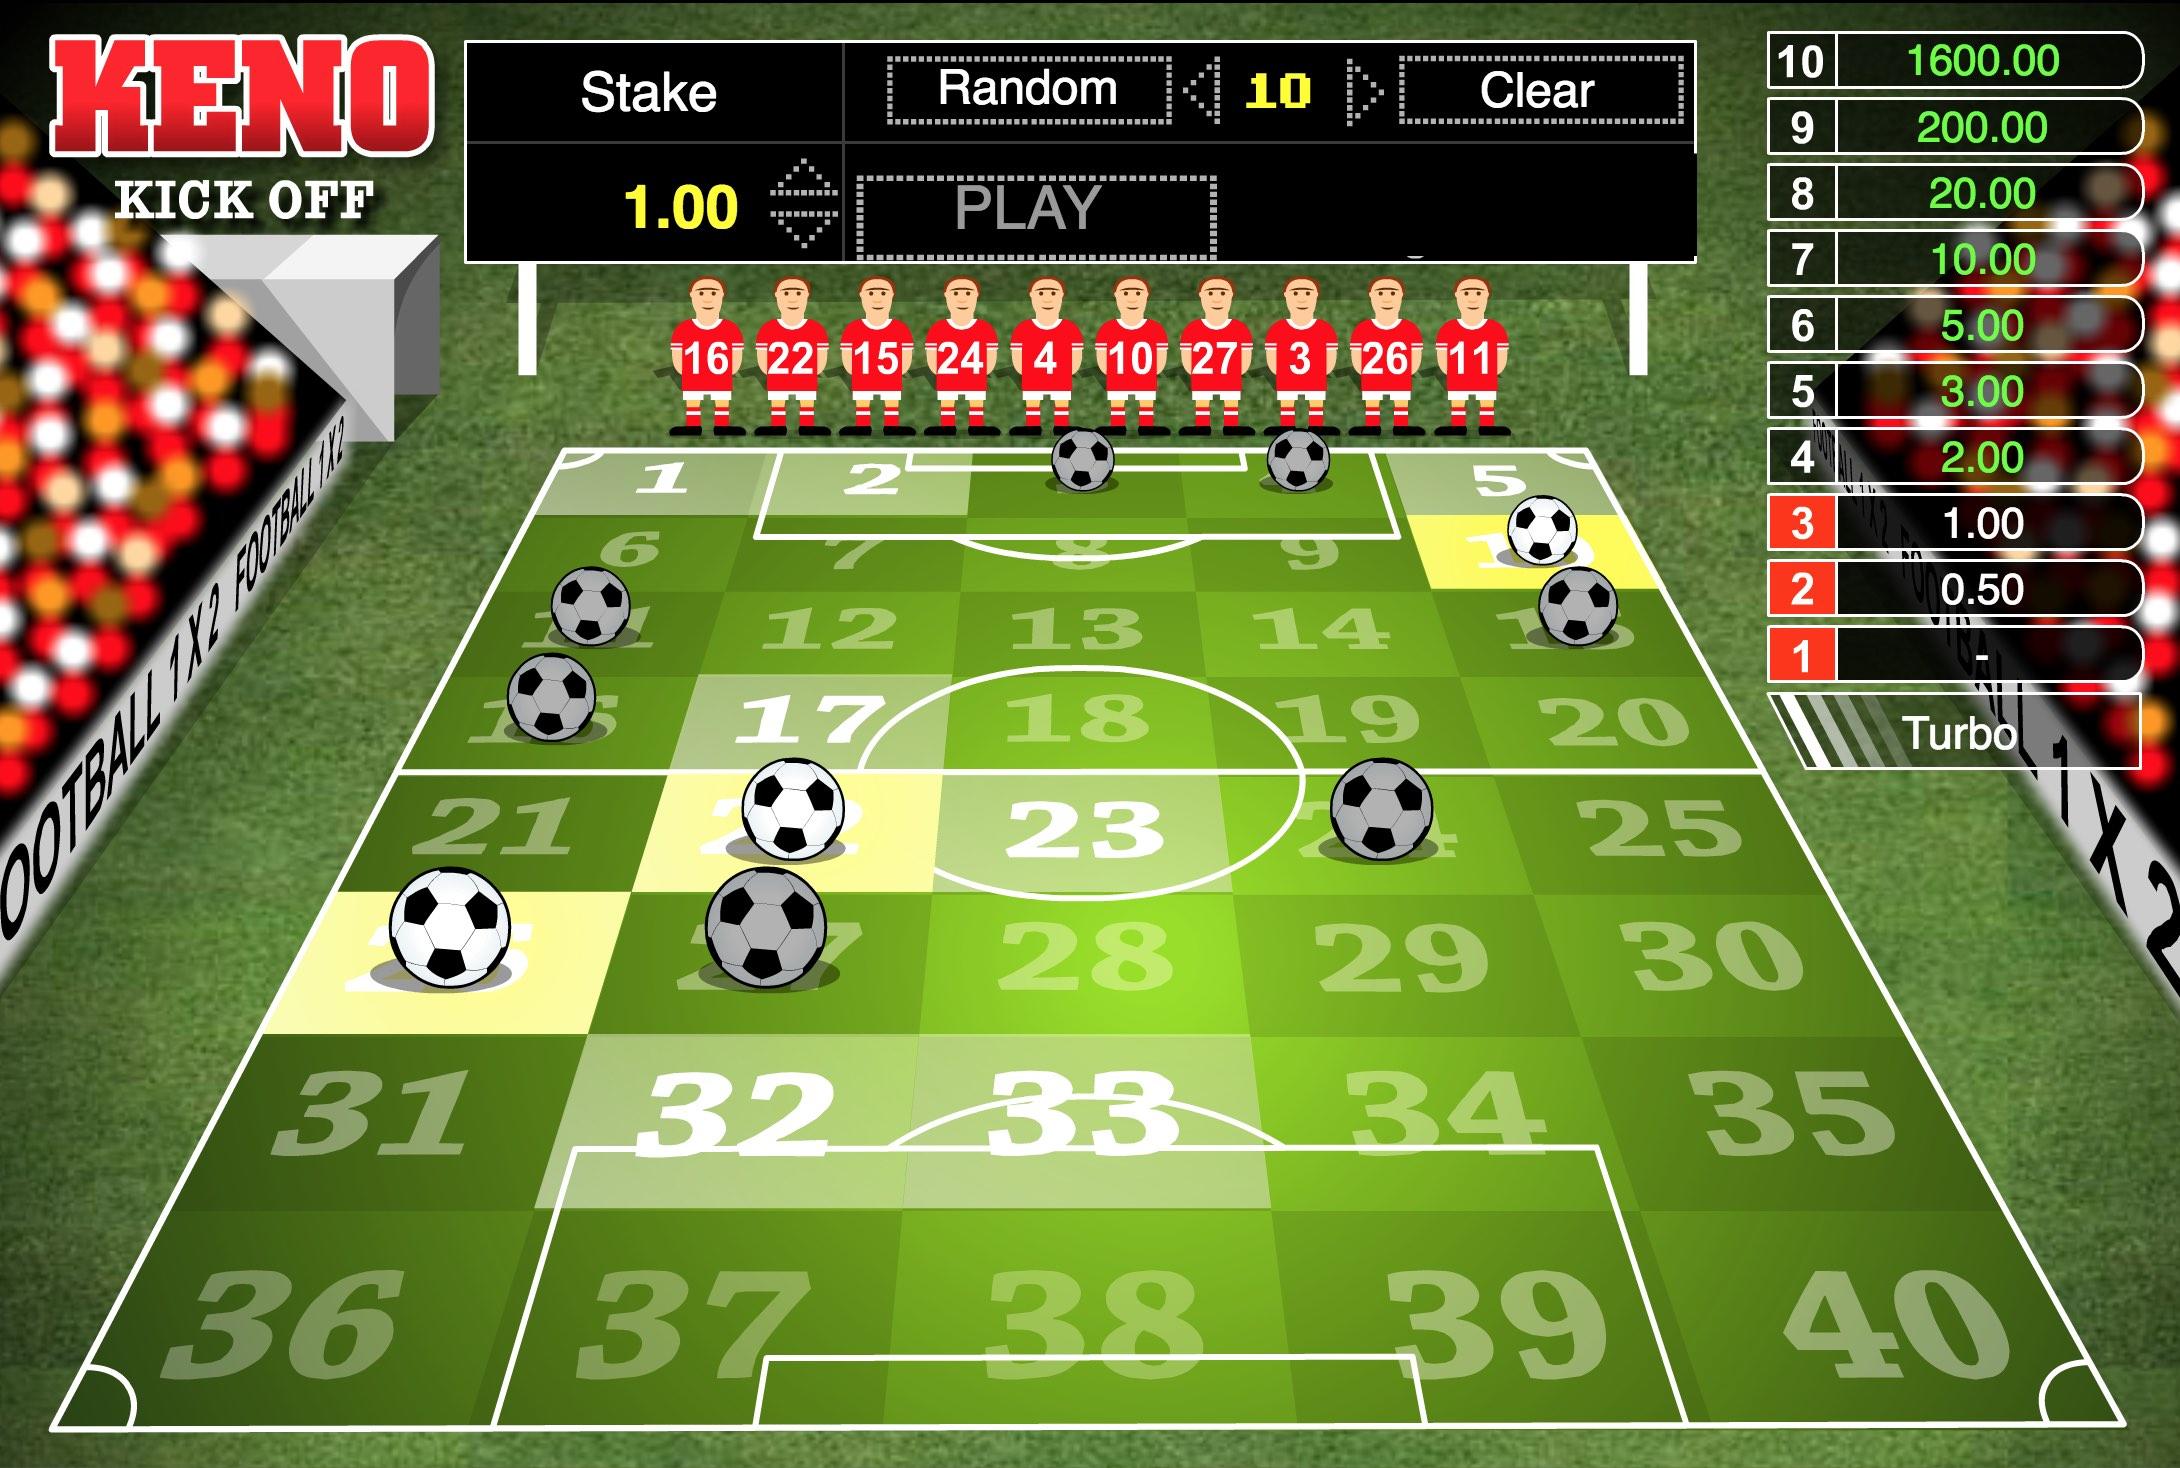 How to play Keno variācijas Kick Off spēle internetā